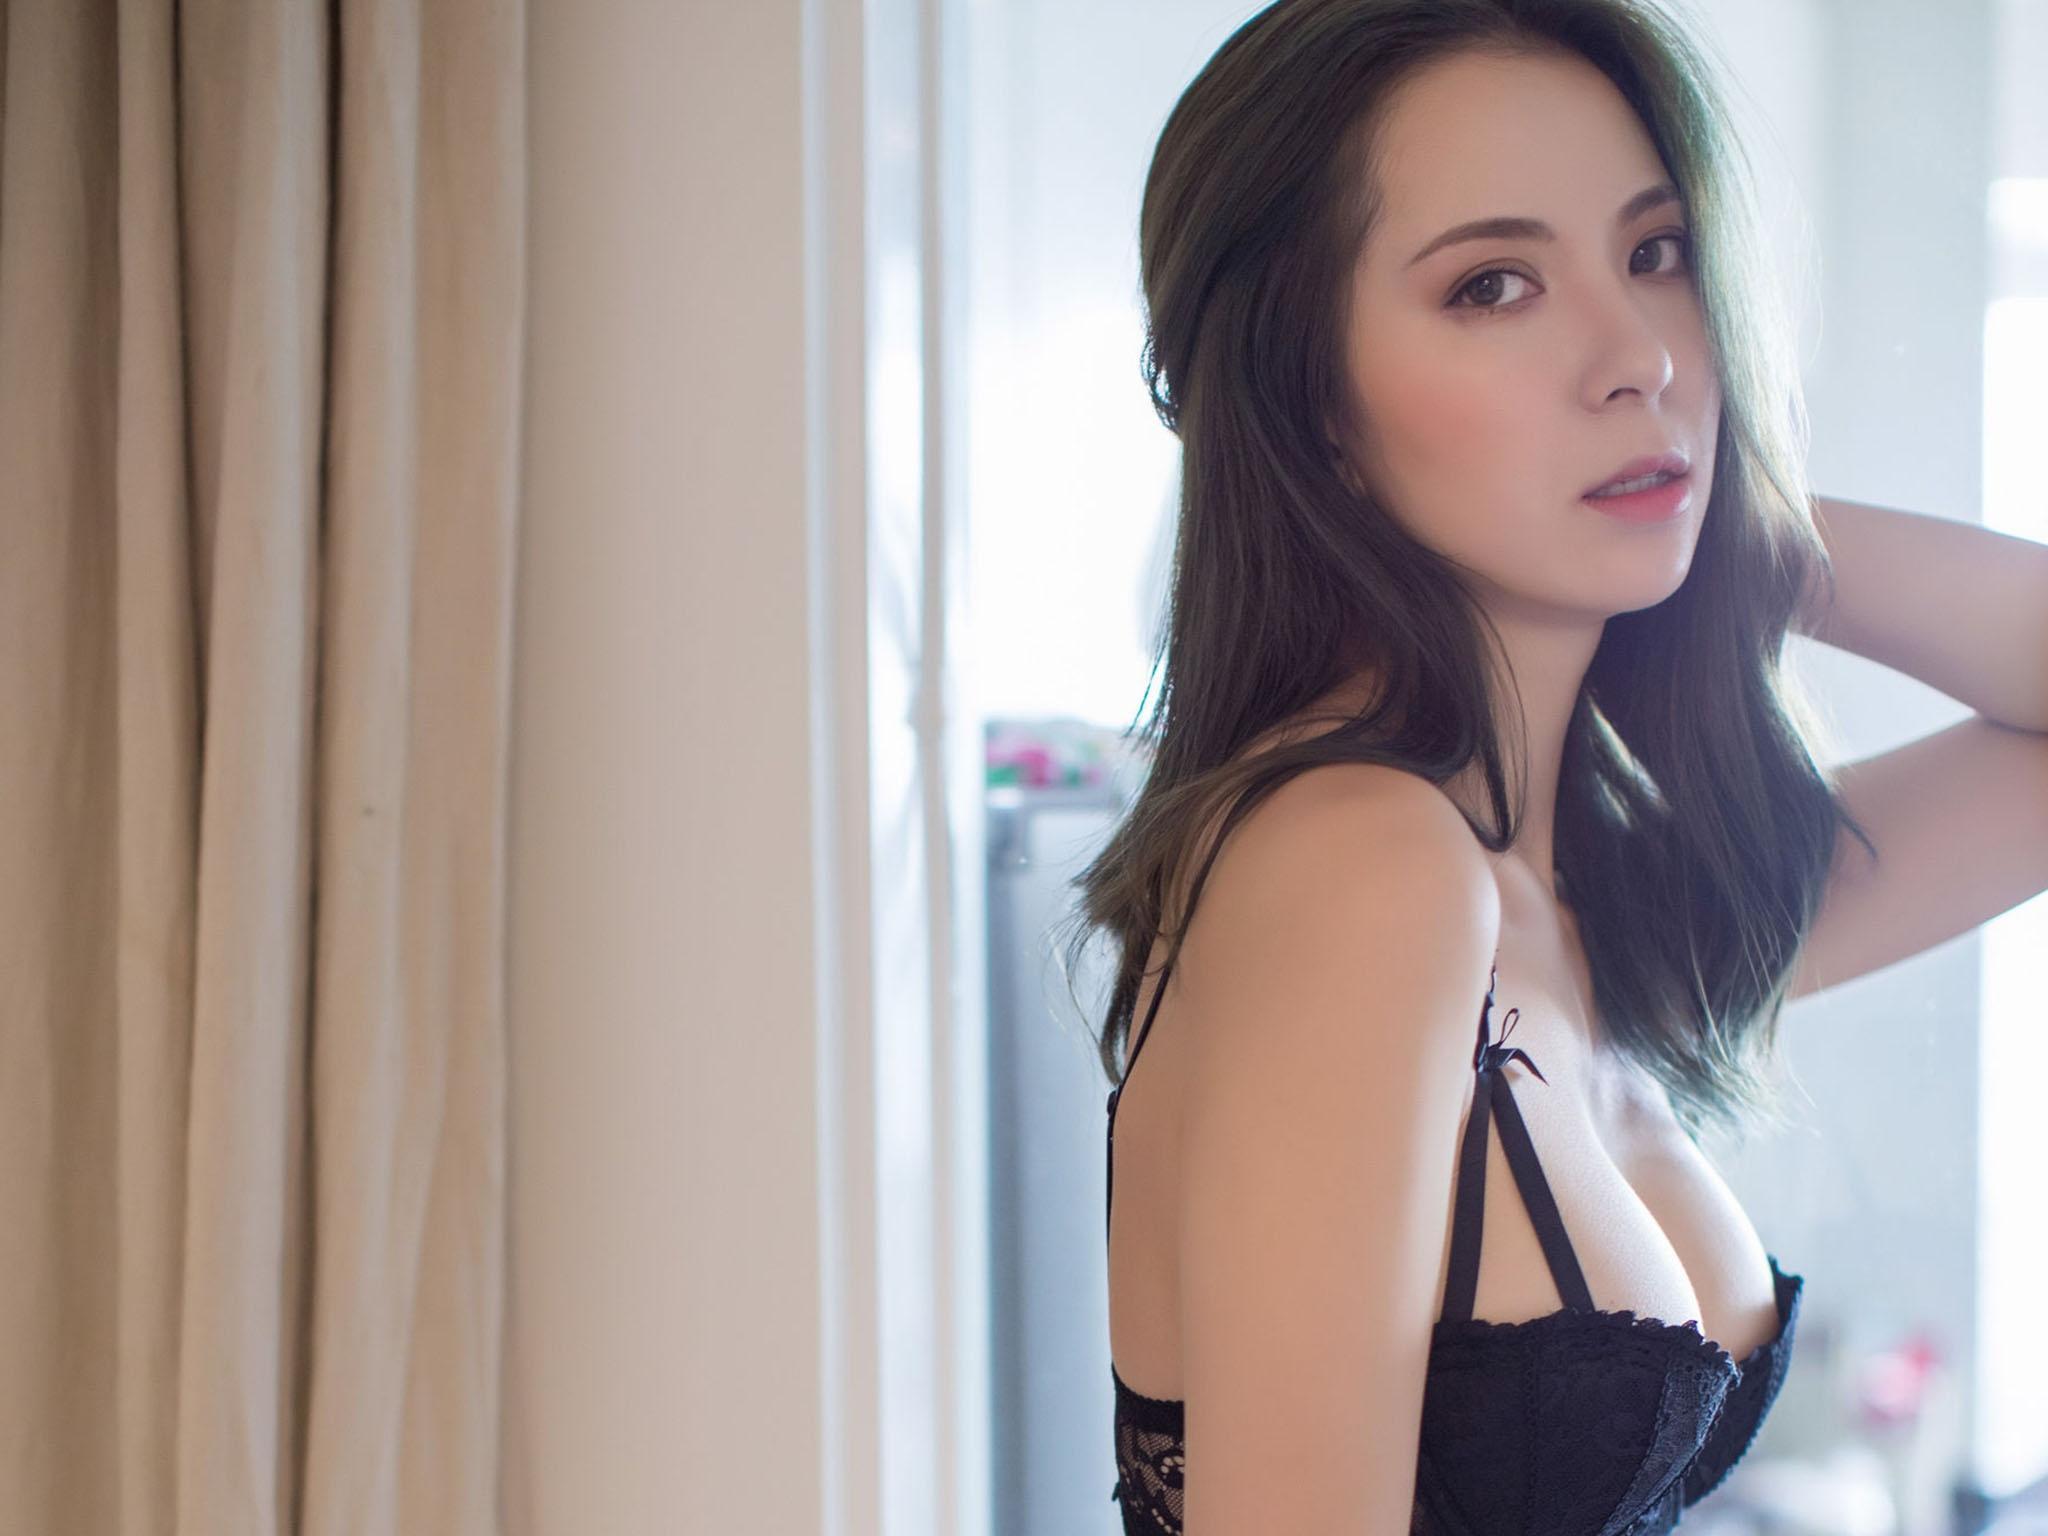 上海外企气质漂亮美少妇趁老公出差和公司主管家中偷情操逼 细腰肥臀拽着头发后入 猛打屁股快速抽插 干的呻吟浪叫!